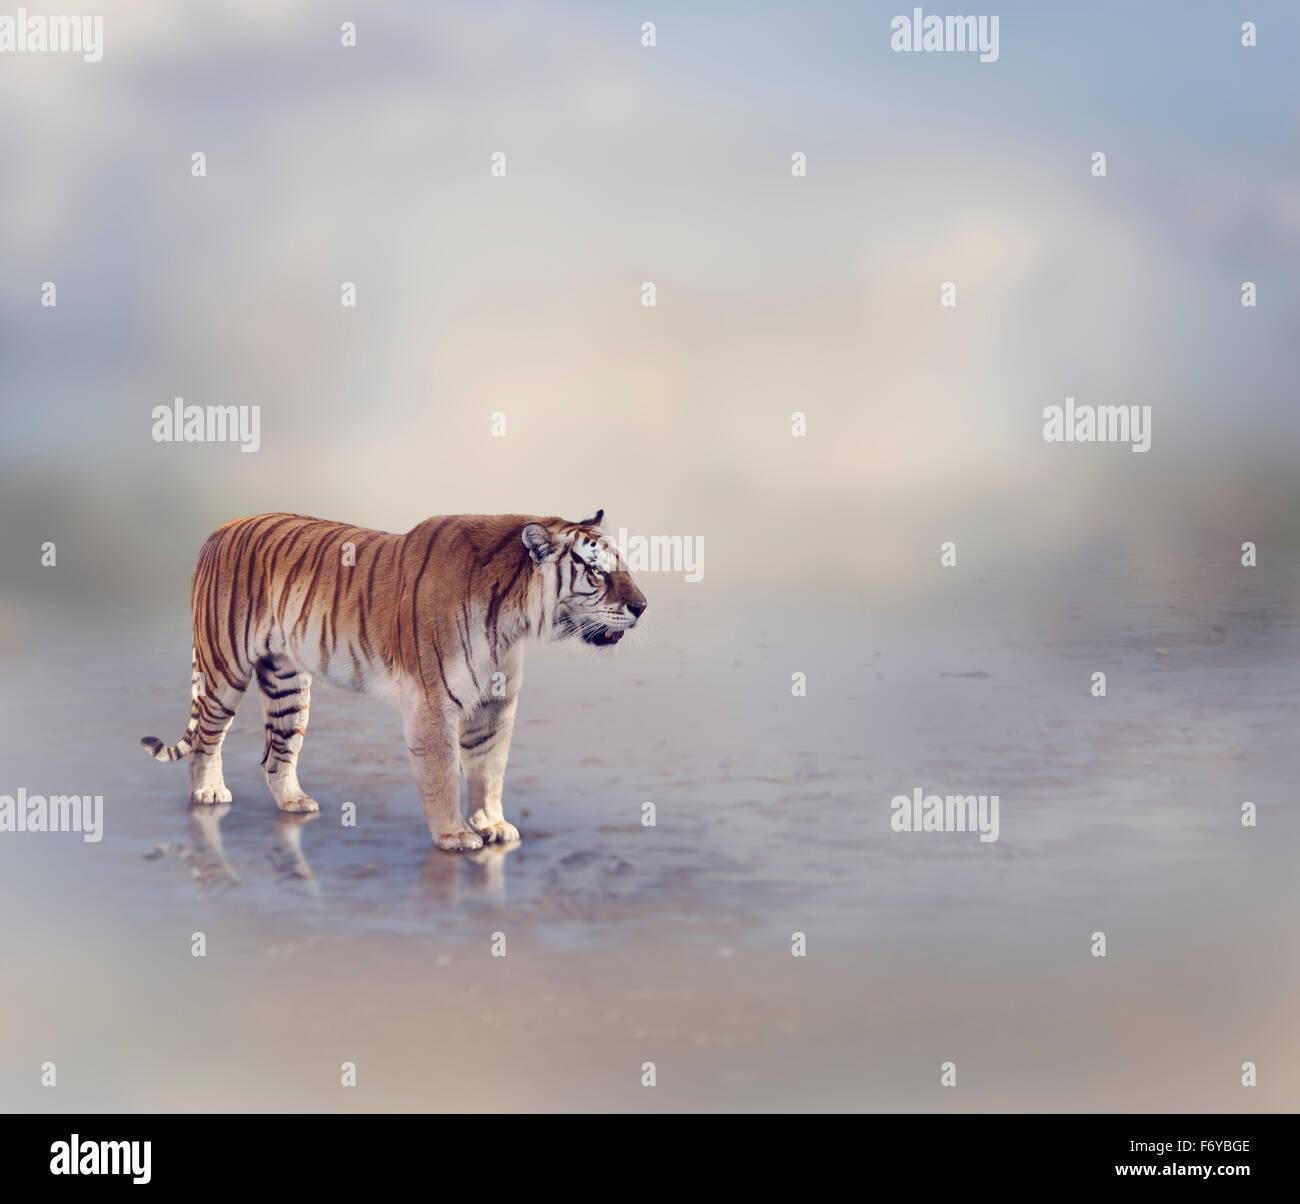 Tiger in prossimità di acqua con la riflessione Immagini Stock